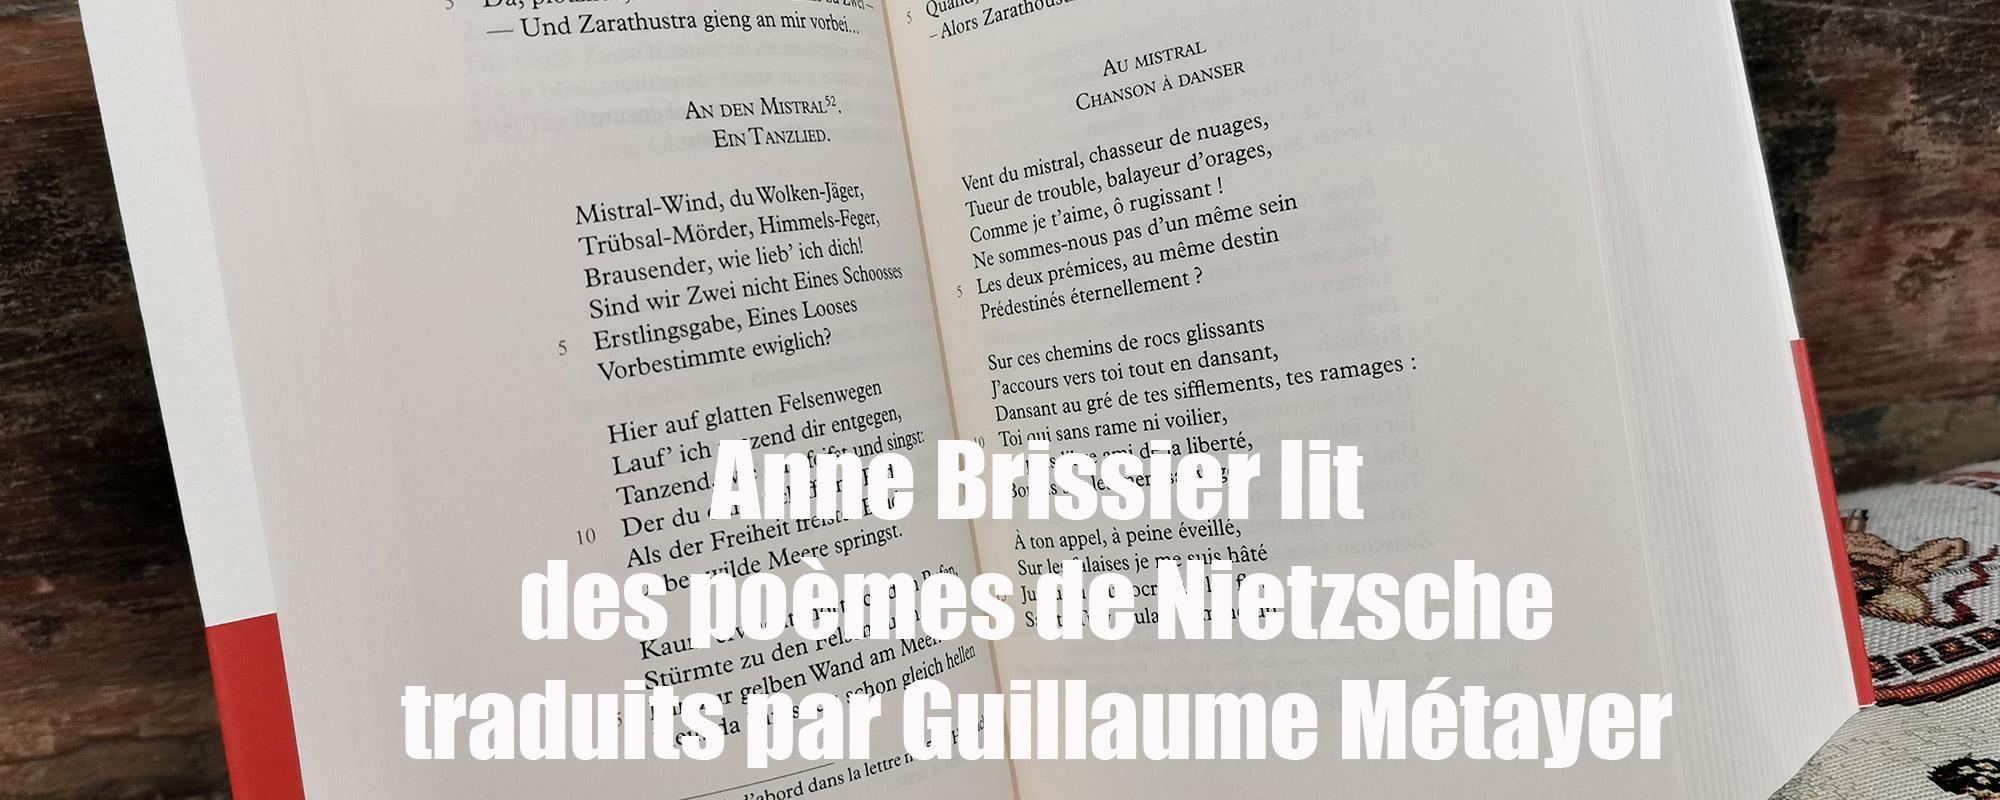 Anne Brissier lit des poèmes de Nietzsche chez De natura rerum